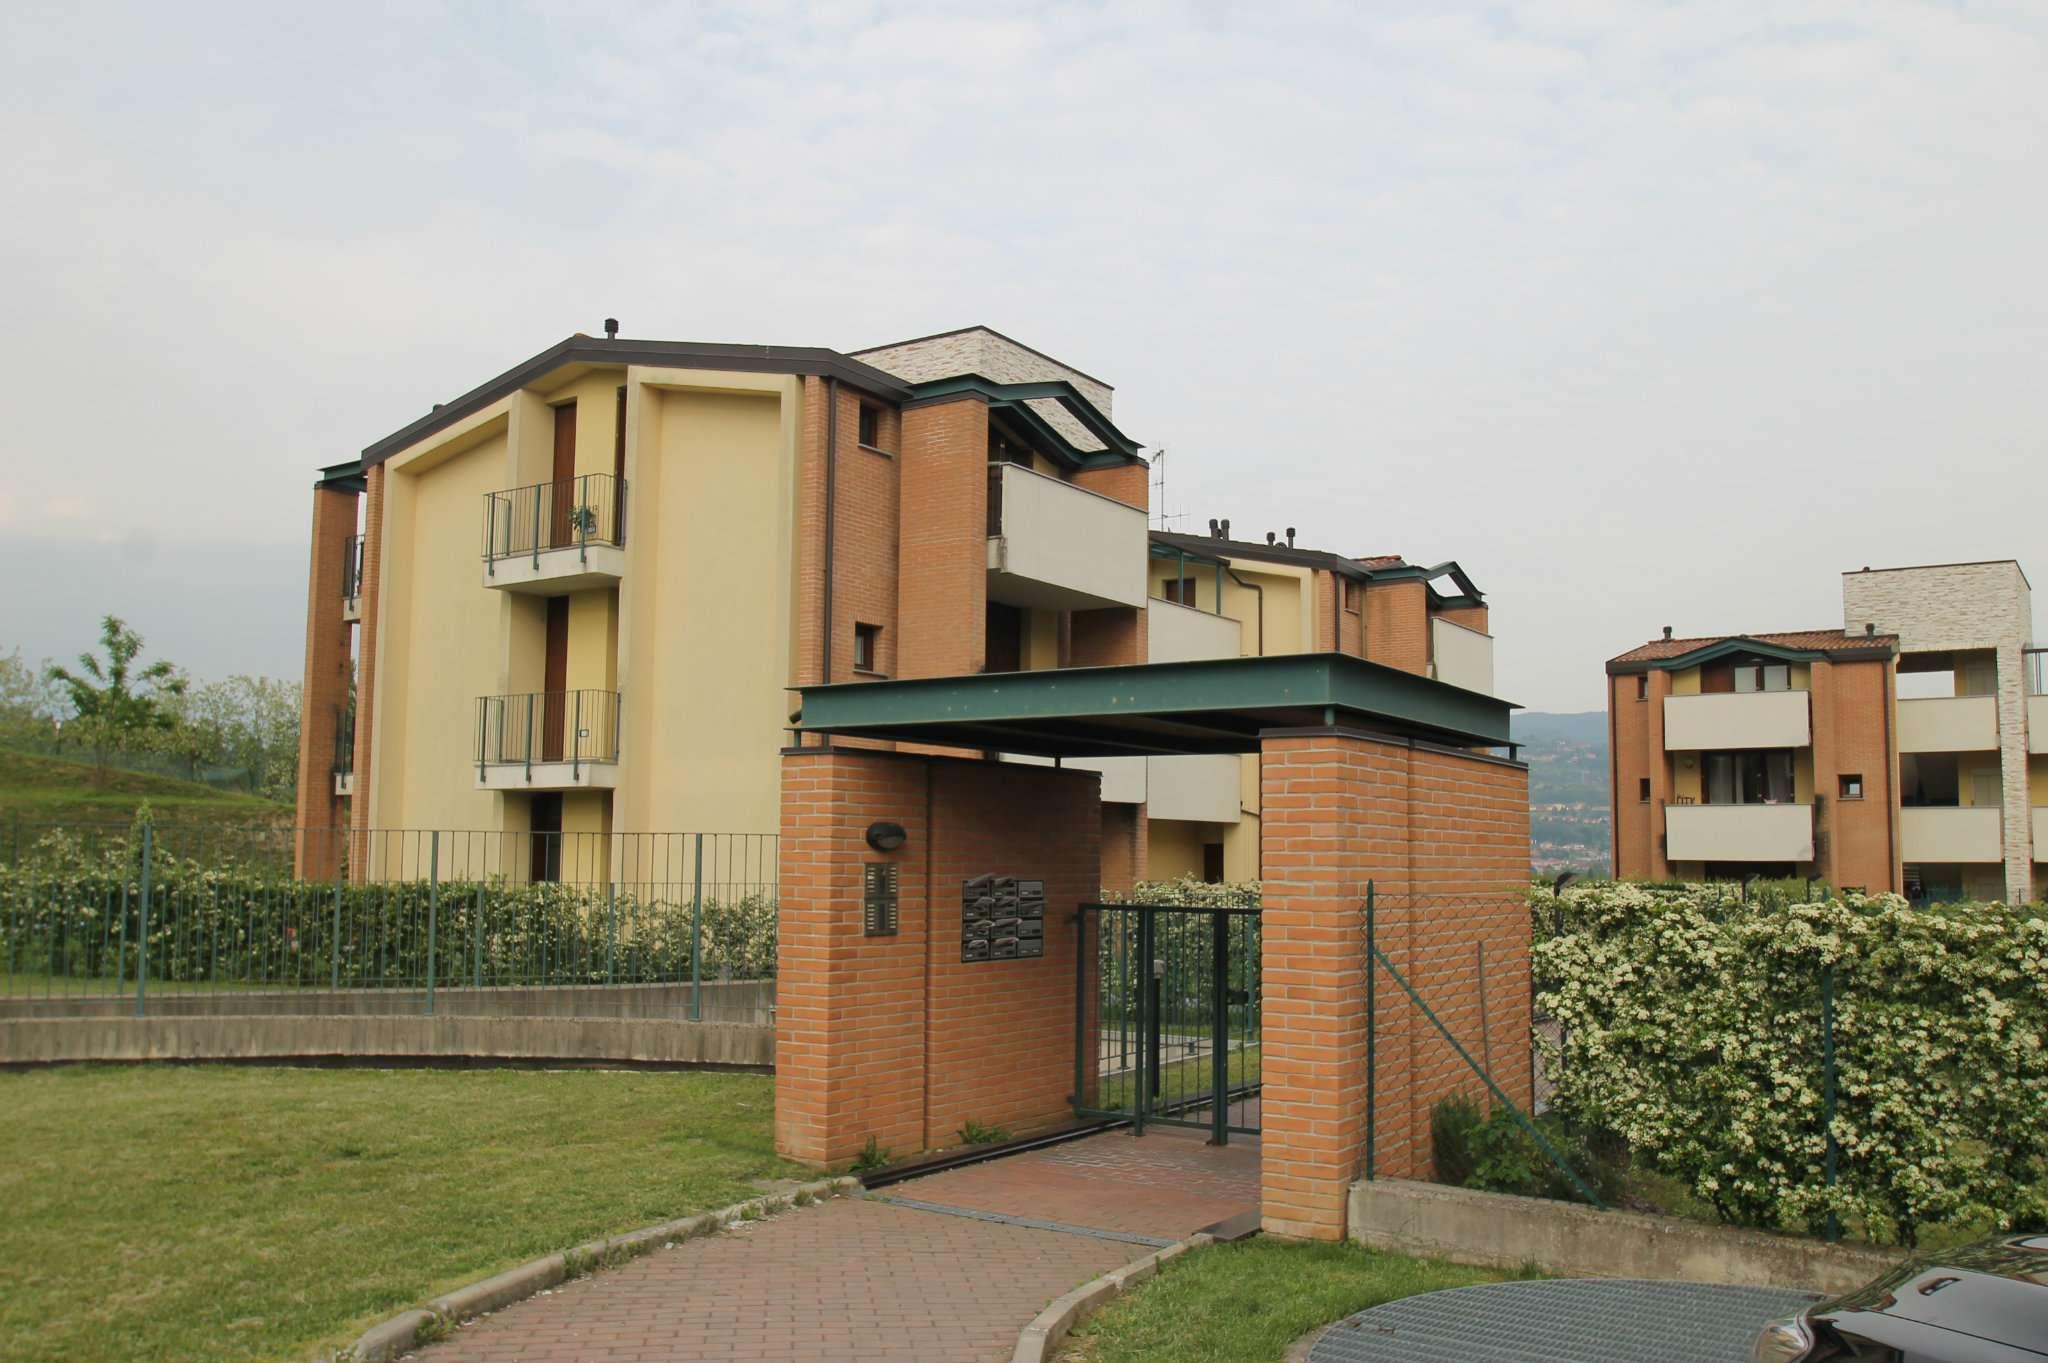 Appartamento trilocale al primo piano in affitto a Molteno